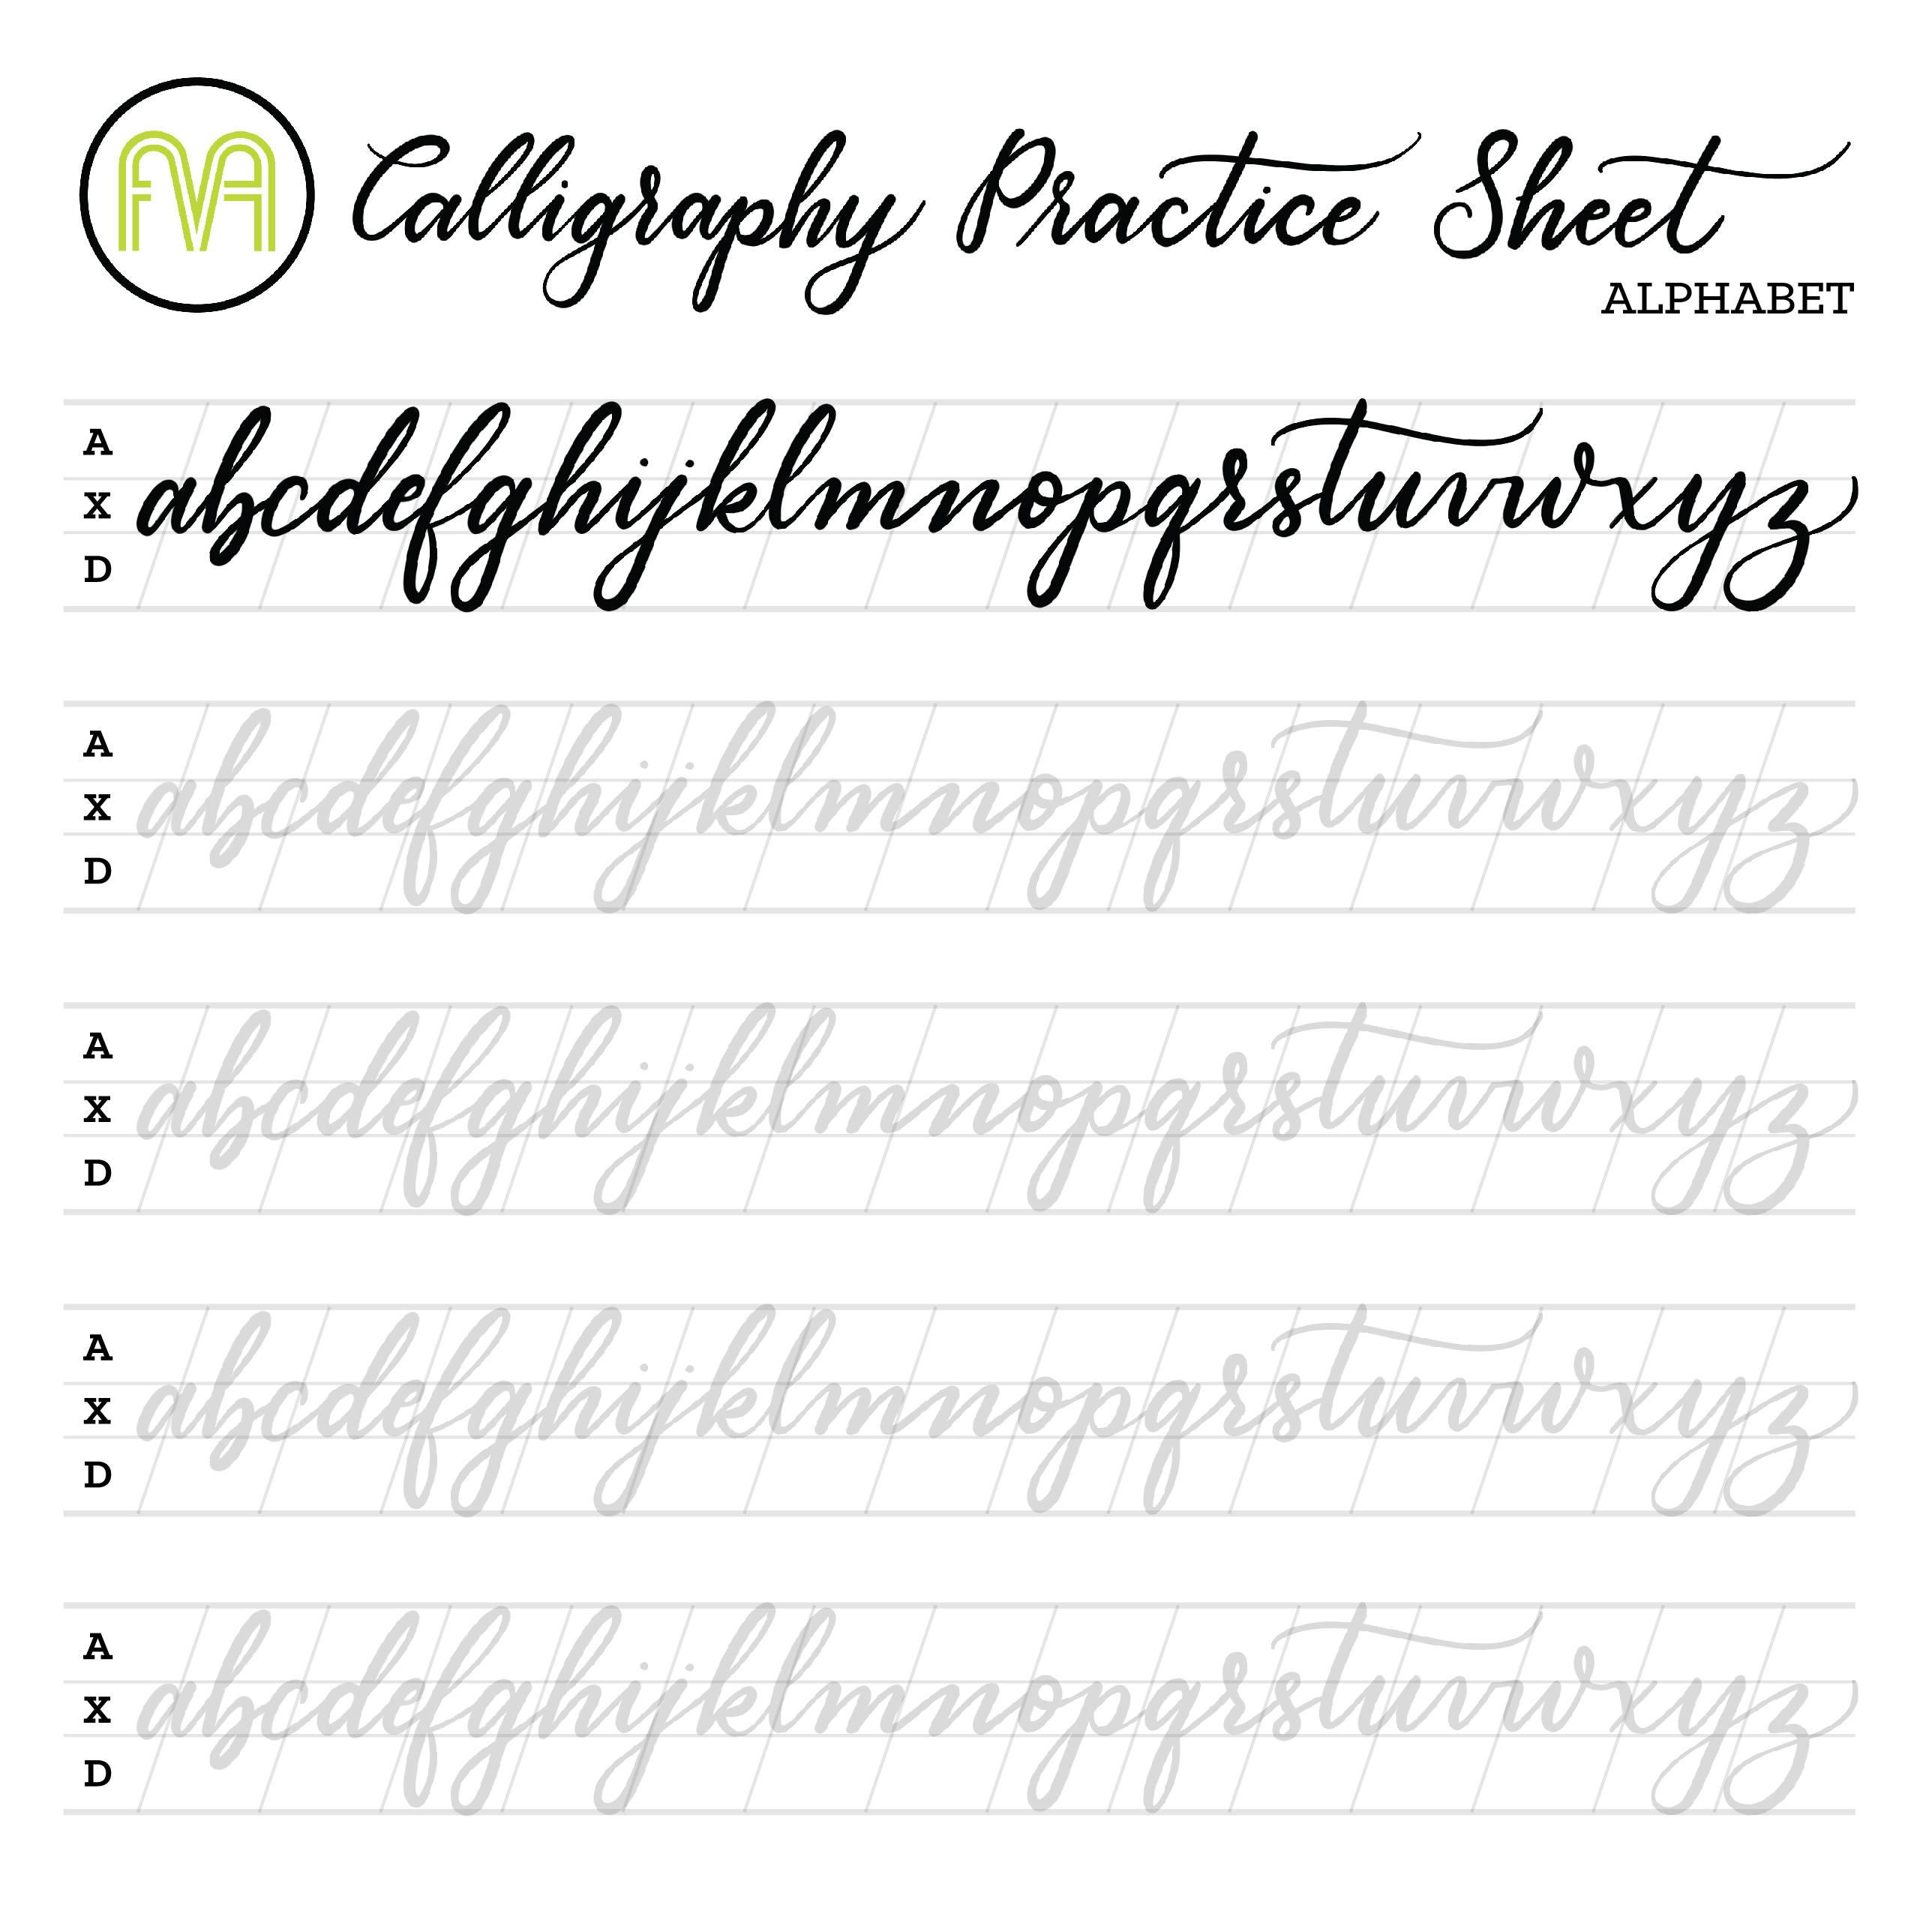 calligraphy practice sheets alphabet lettering digital etsy. Black Bedroom Furniture Sets. Home Design Ideas